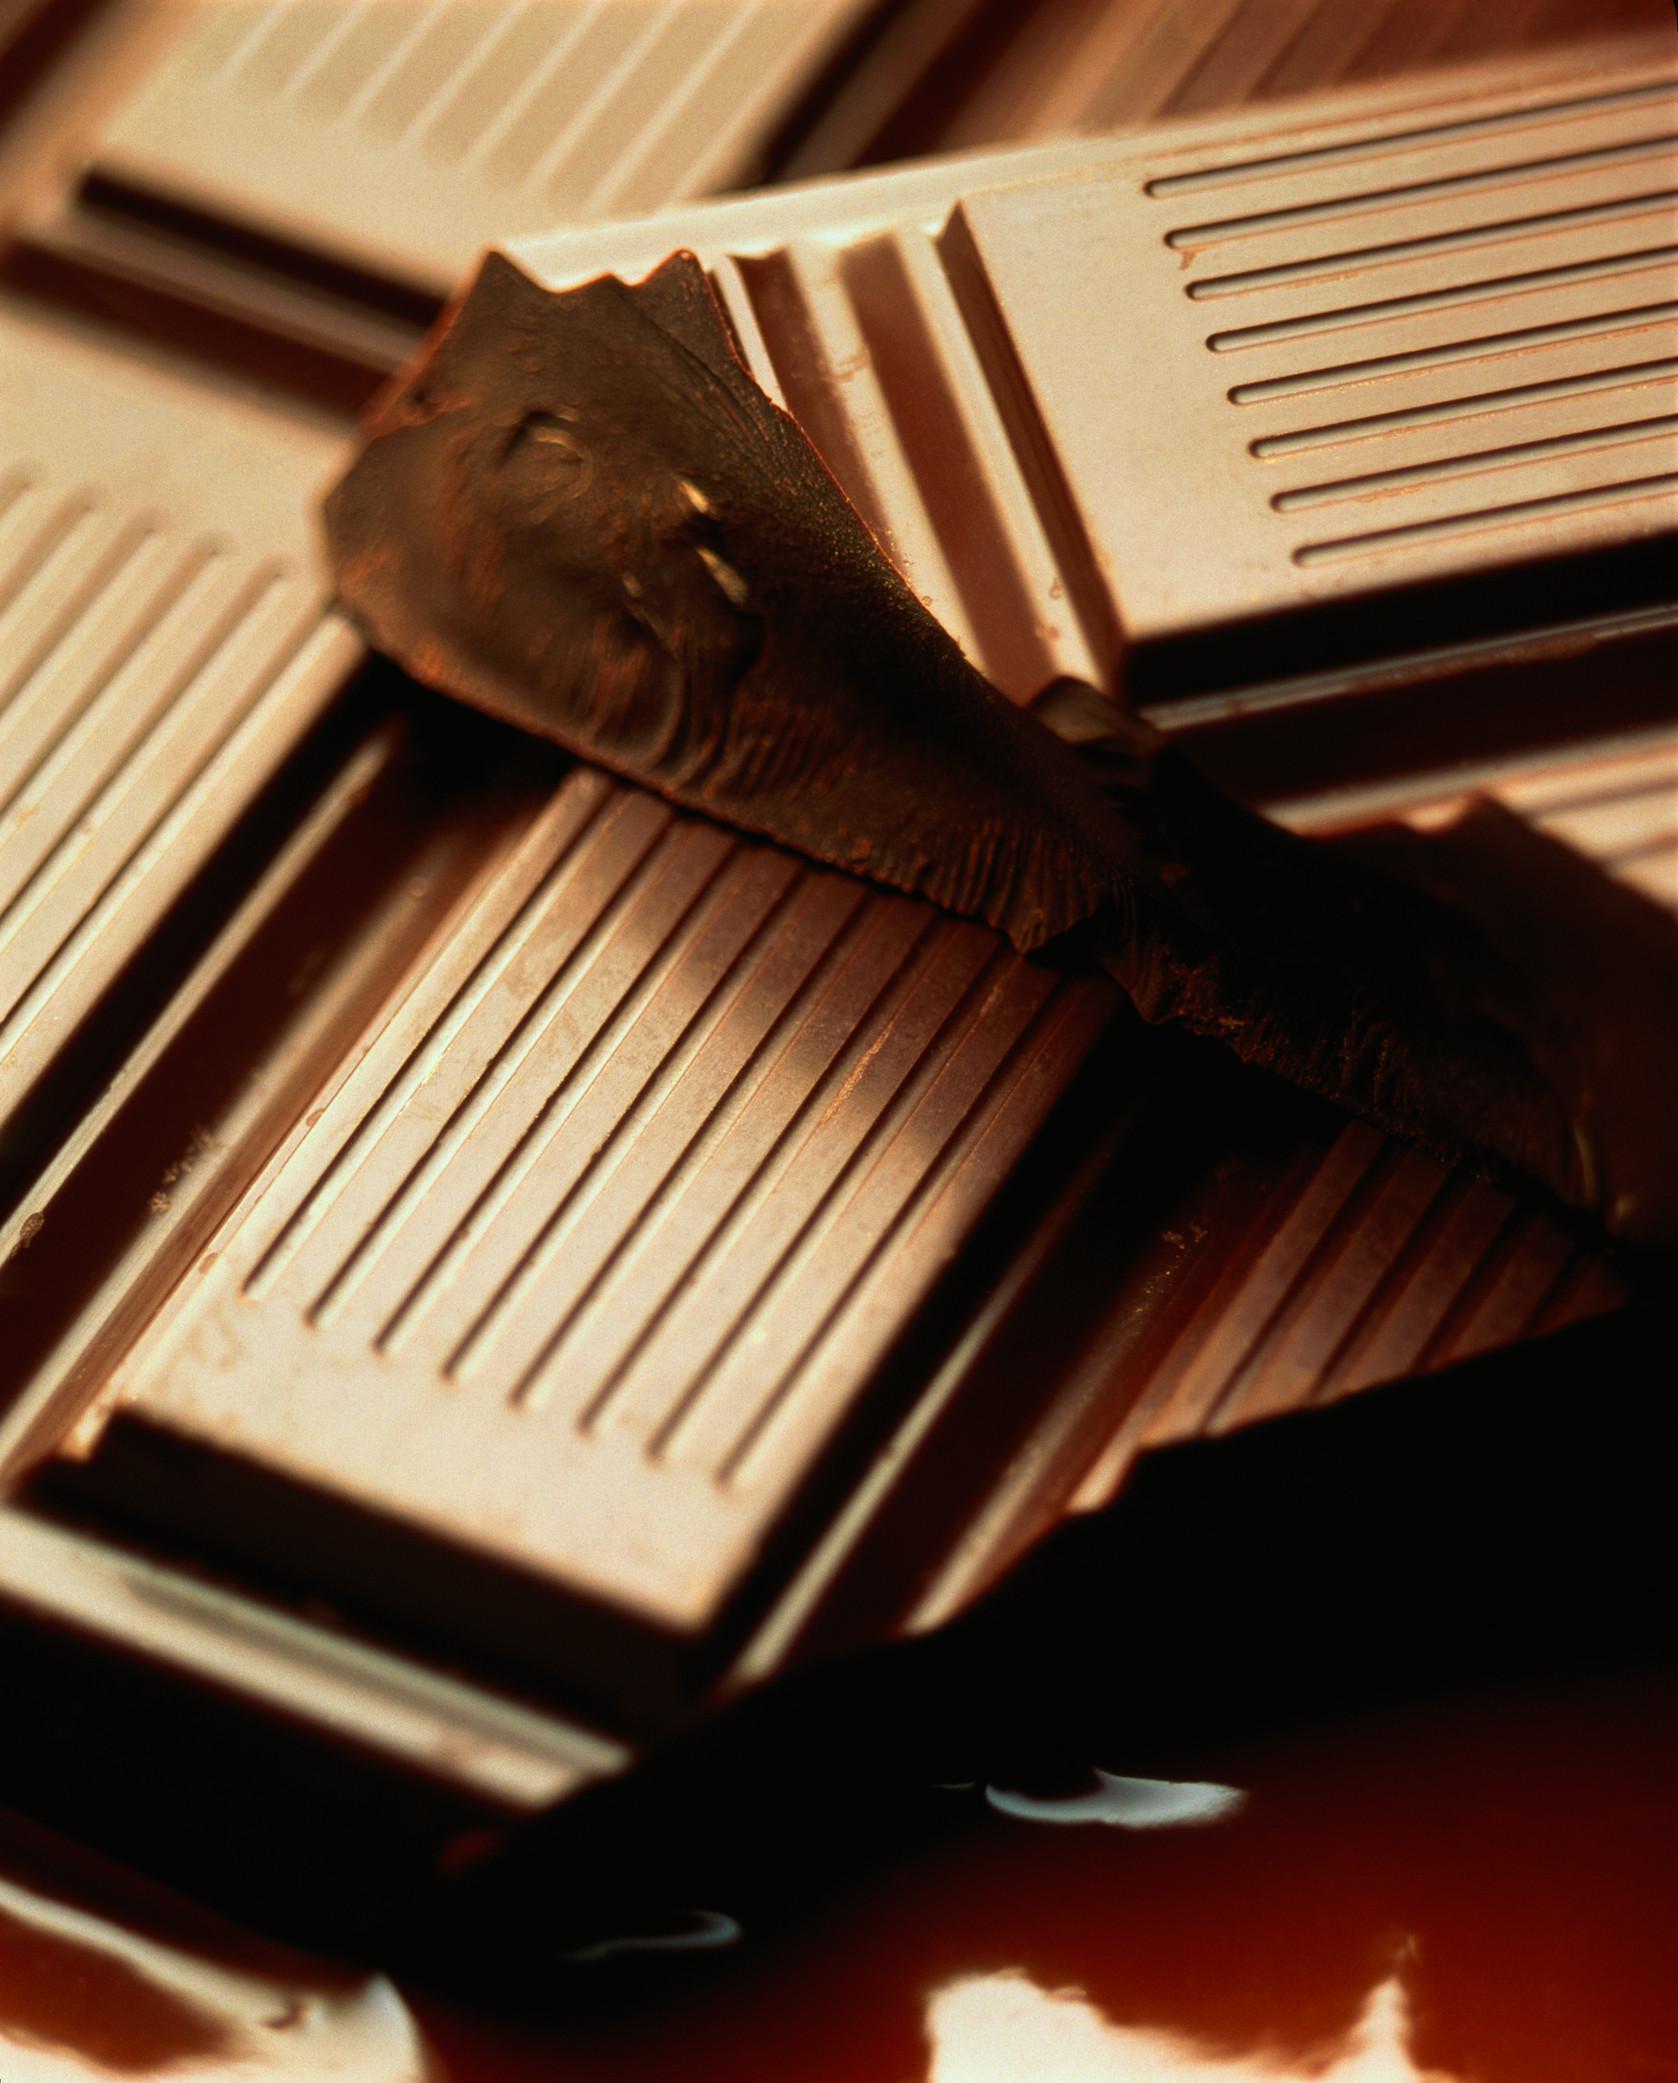 Chocolate bar, close-up